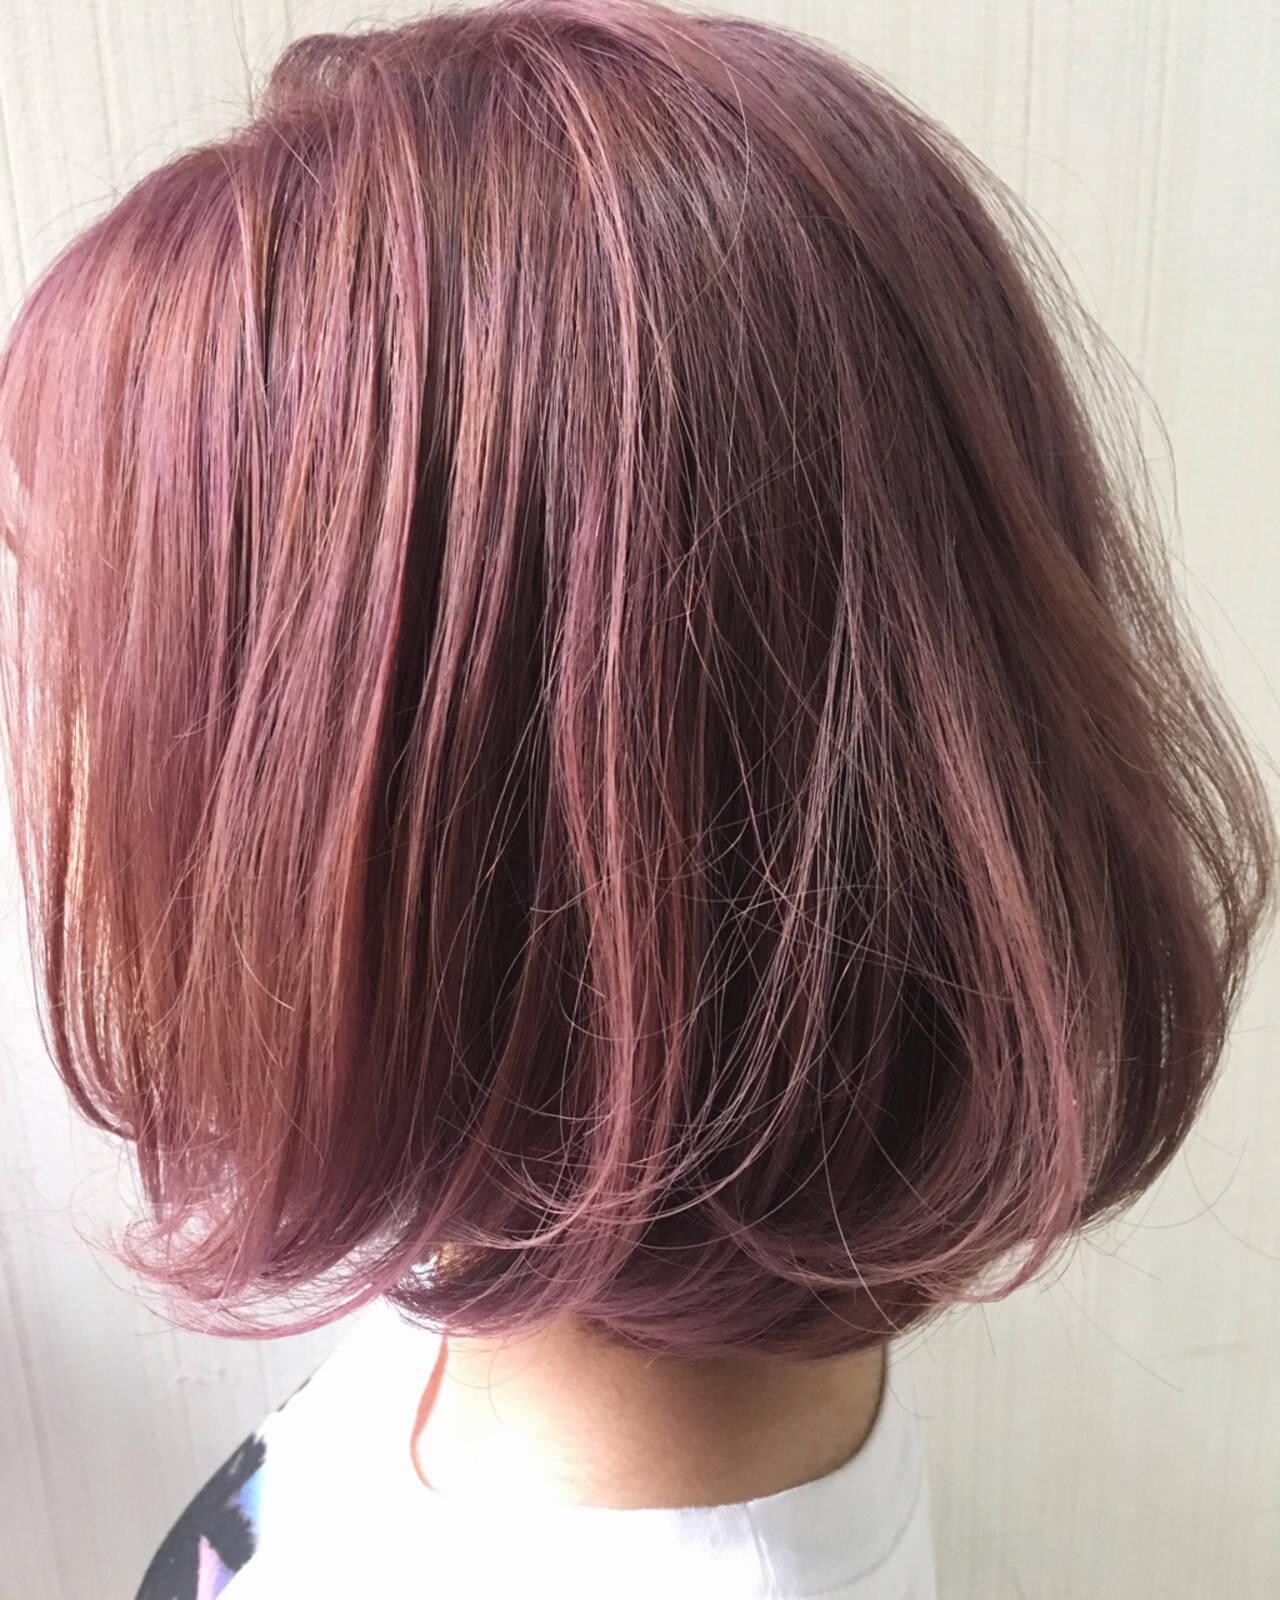 ピンク オレンジベージュ ガーリー ボブヘアスタイルや髪型の写真・画像